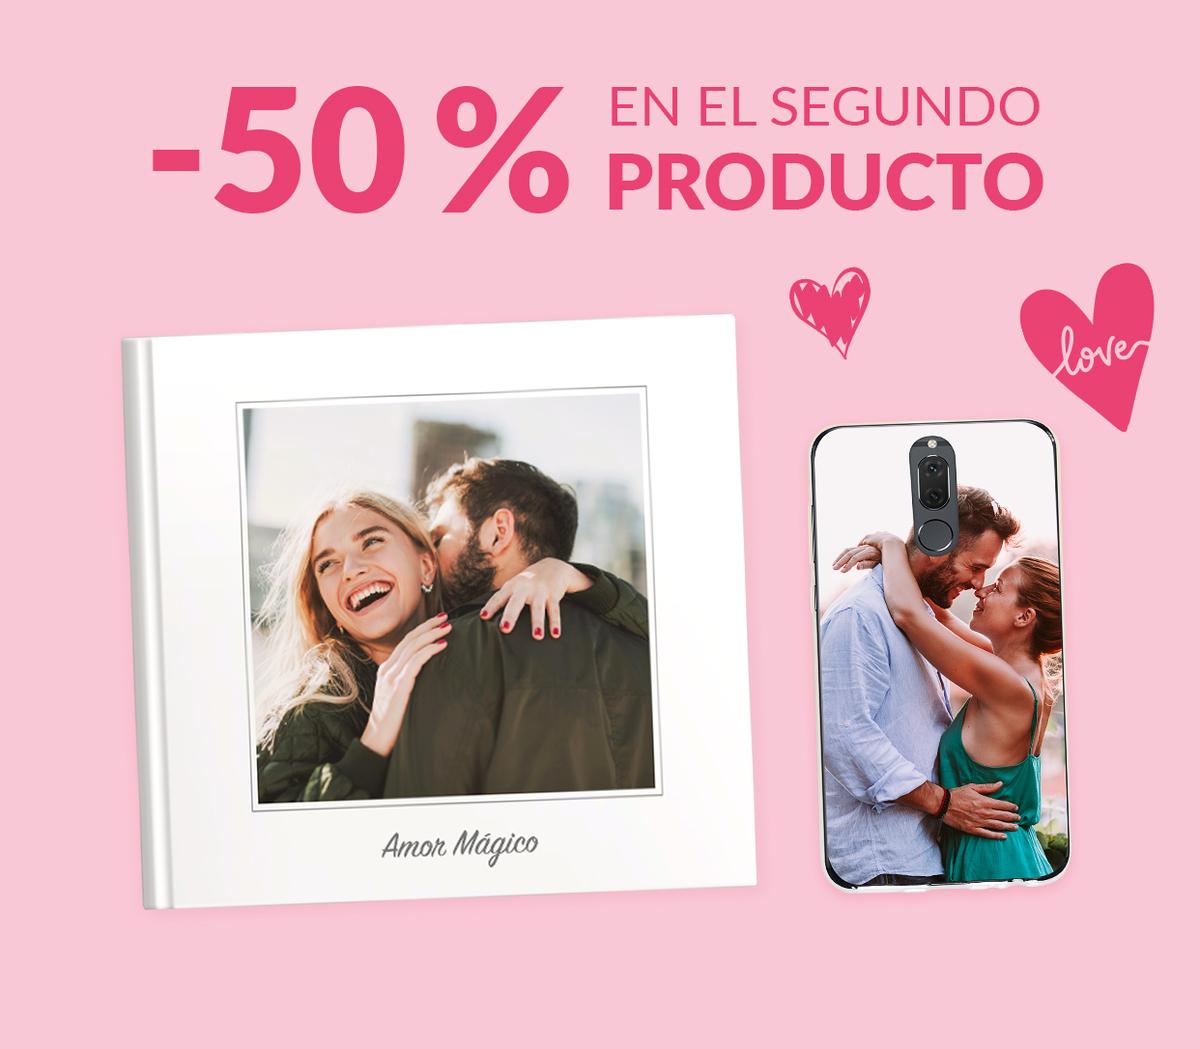 -50% en el segundo producto